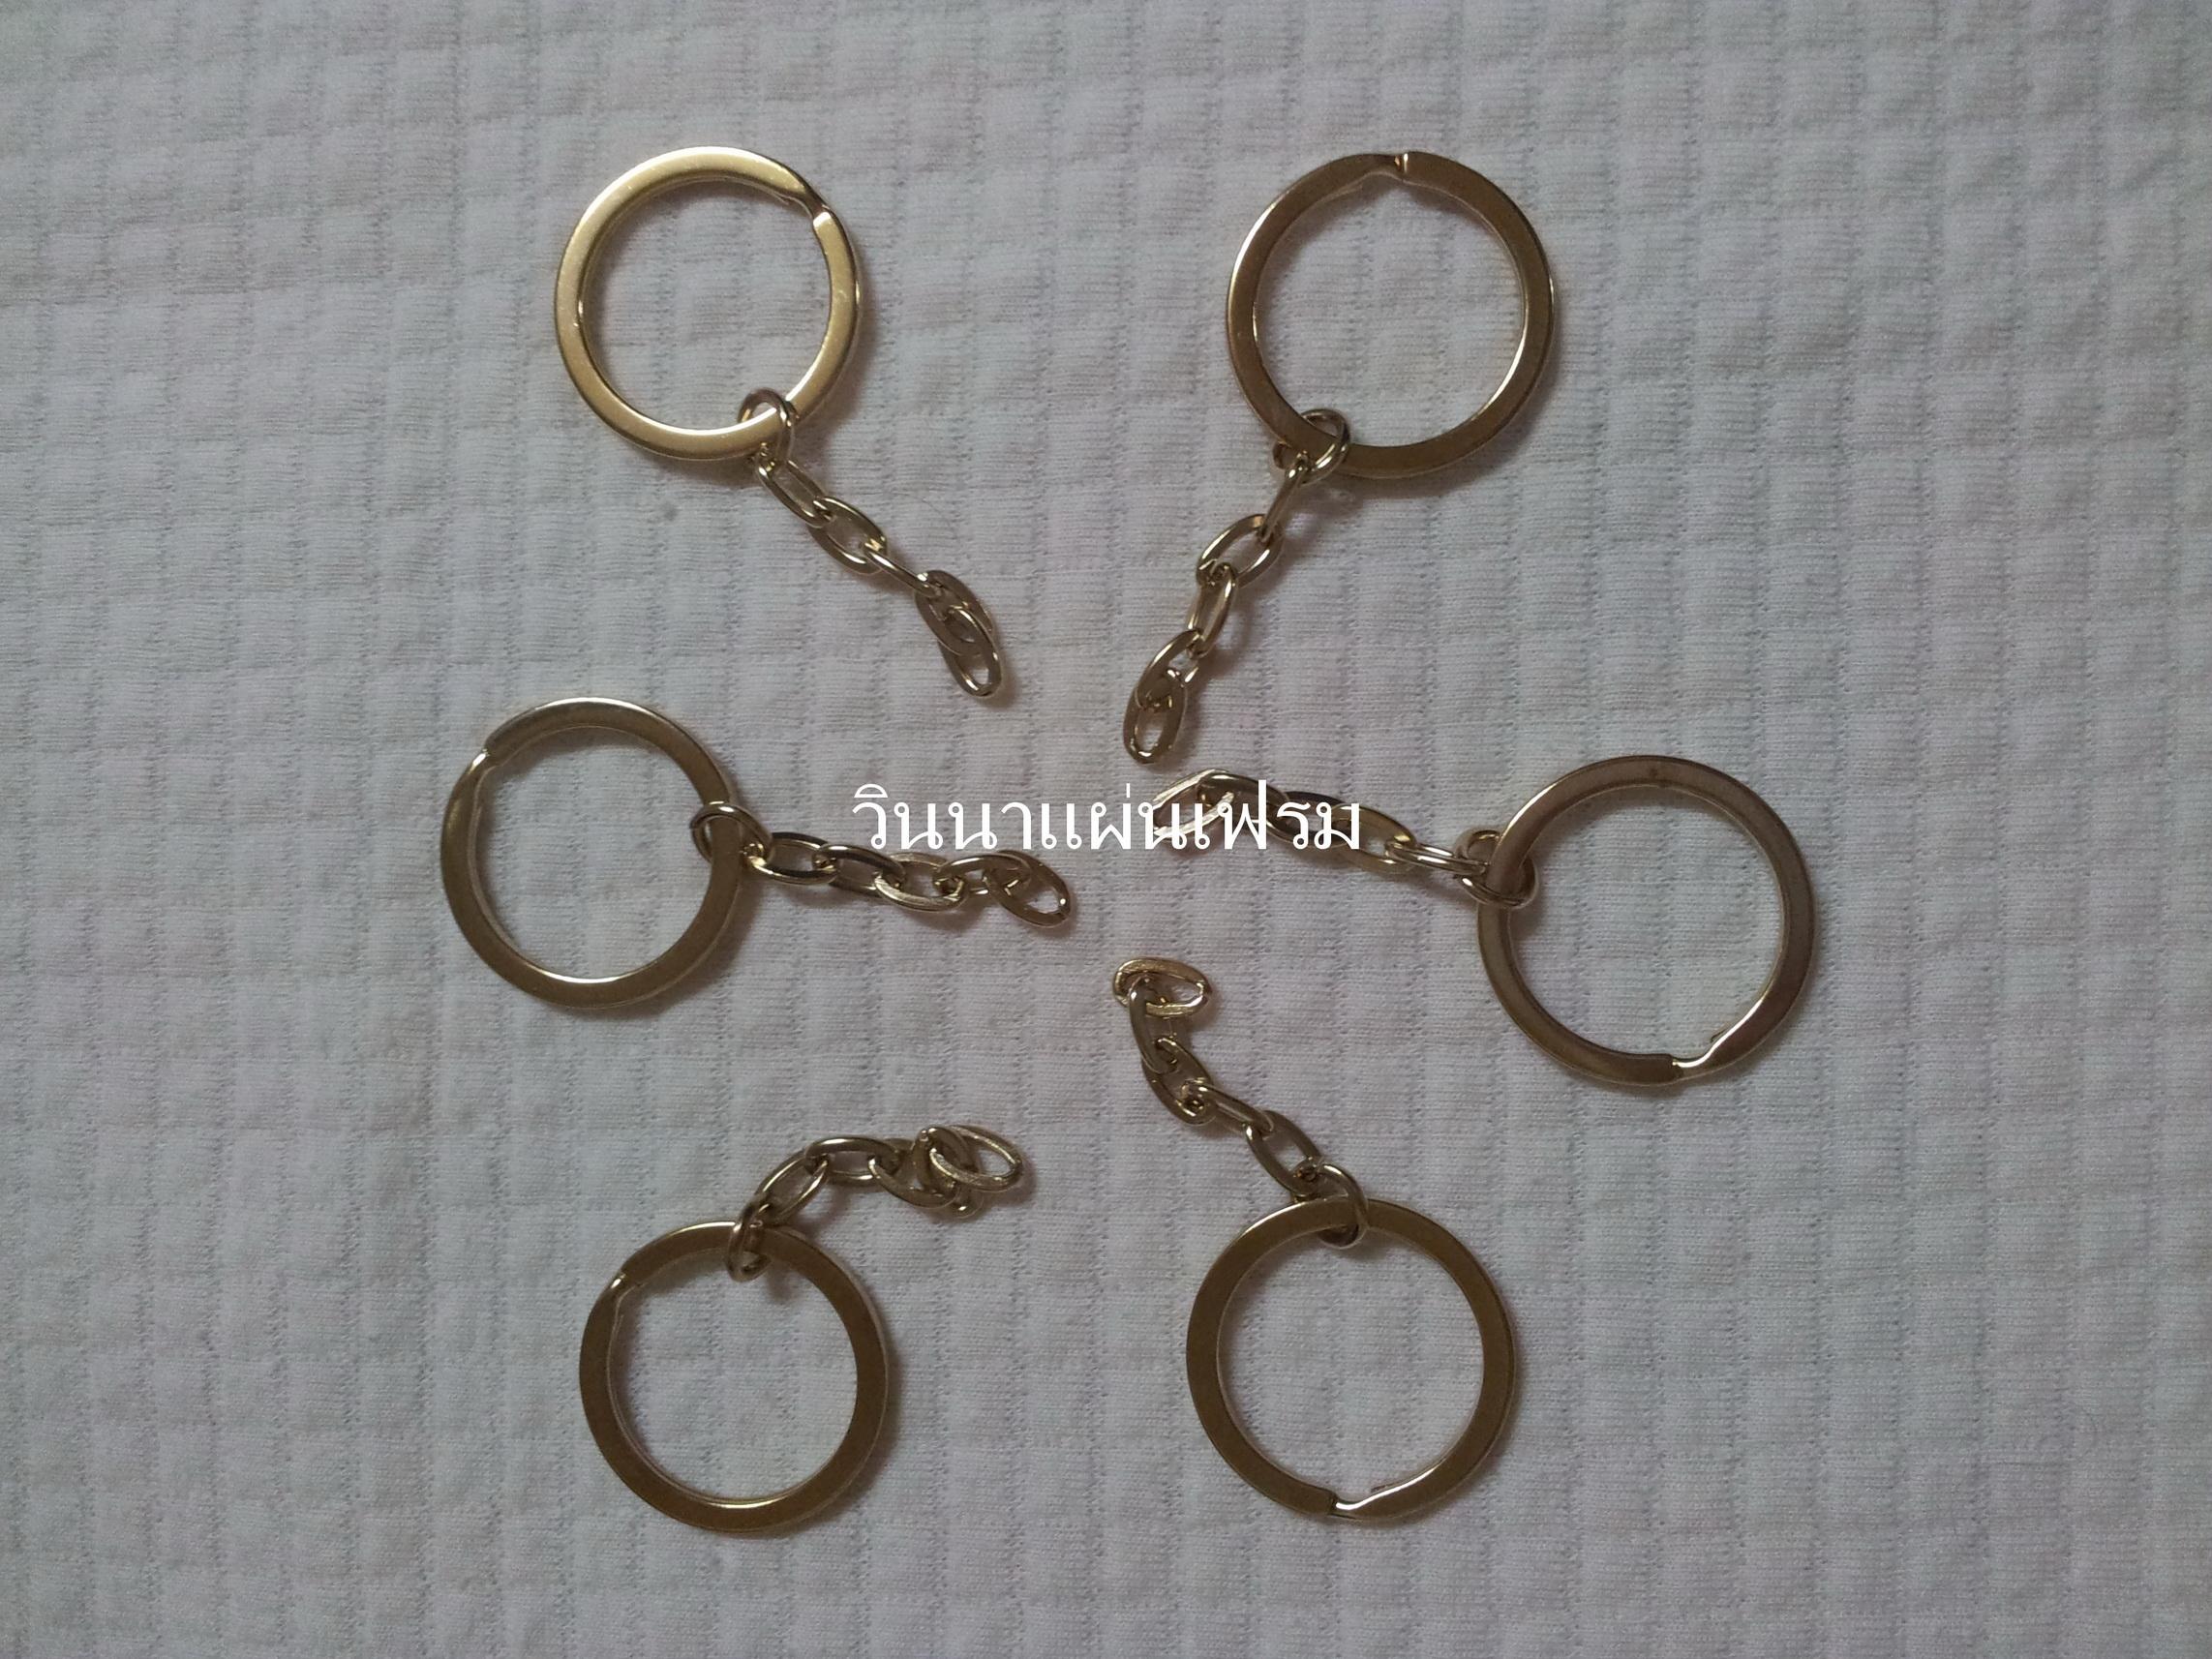 พวงกุญแจมี 4 อันต่อชุด